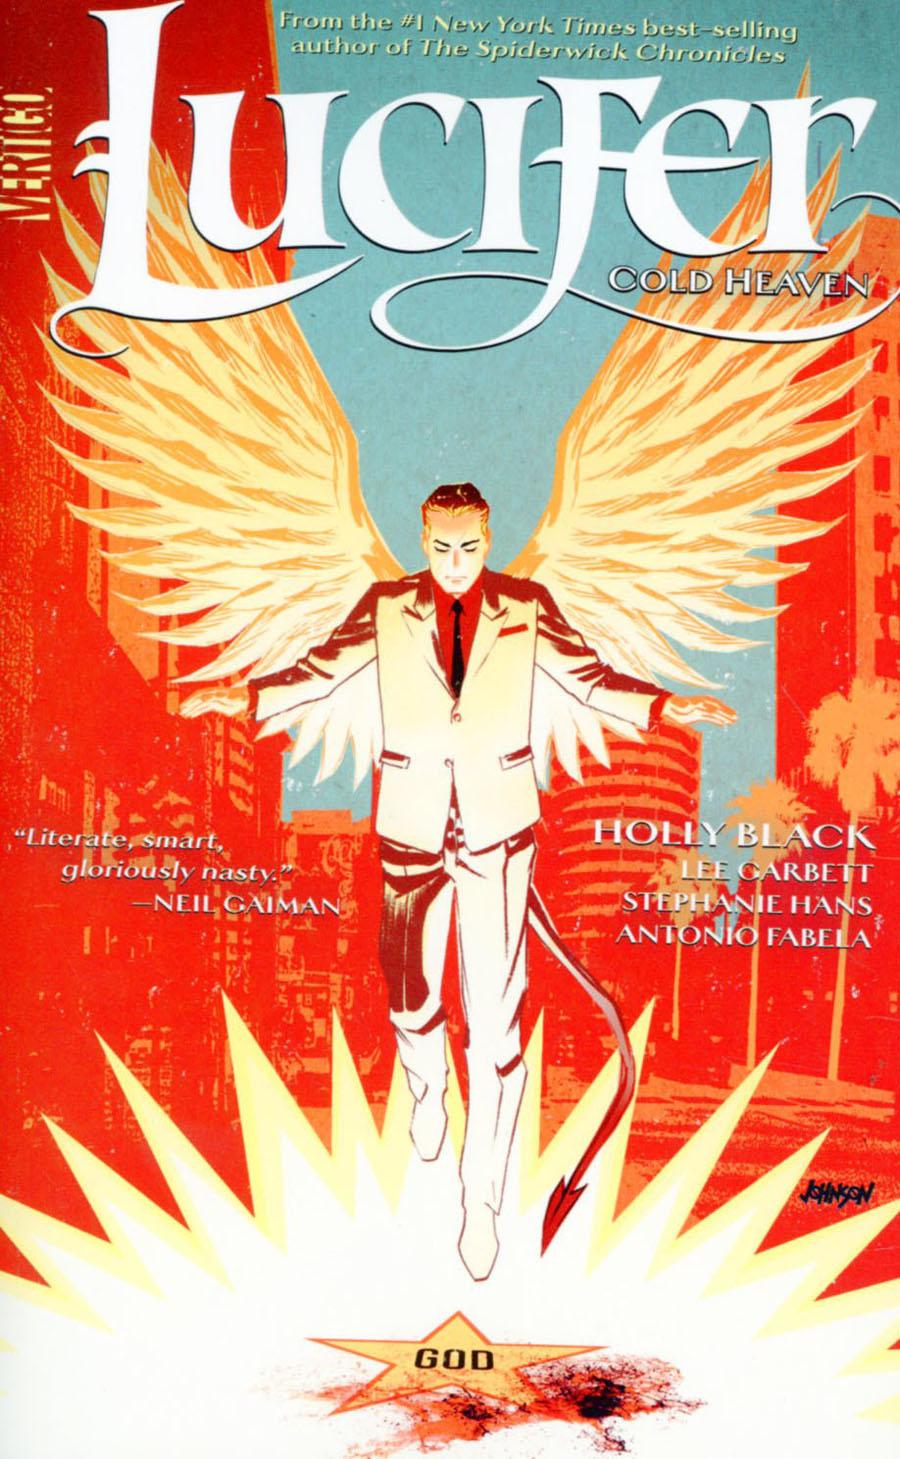 Lucifer (2015) Vol 1 Cold Heaven TP